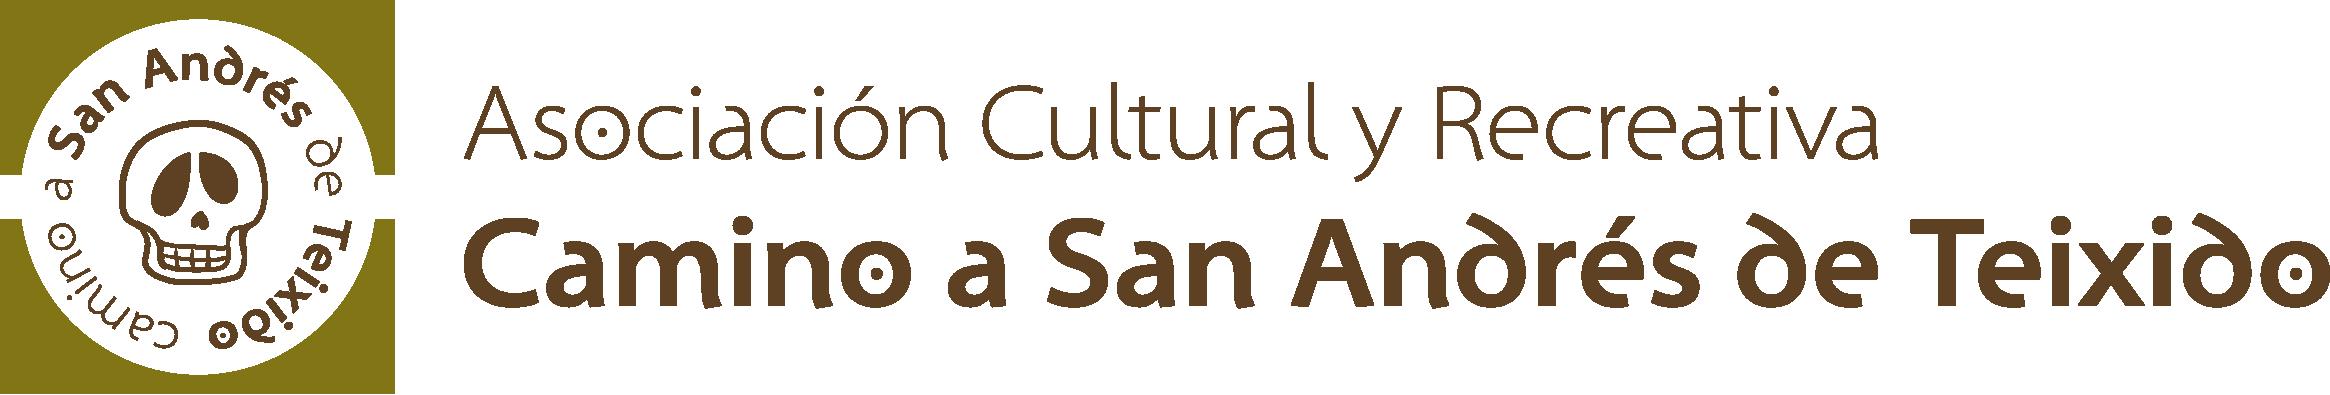 ASOCIACION_logo